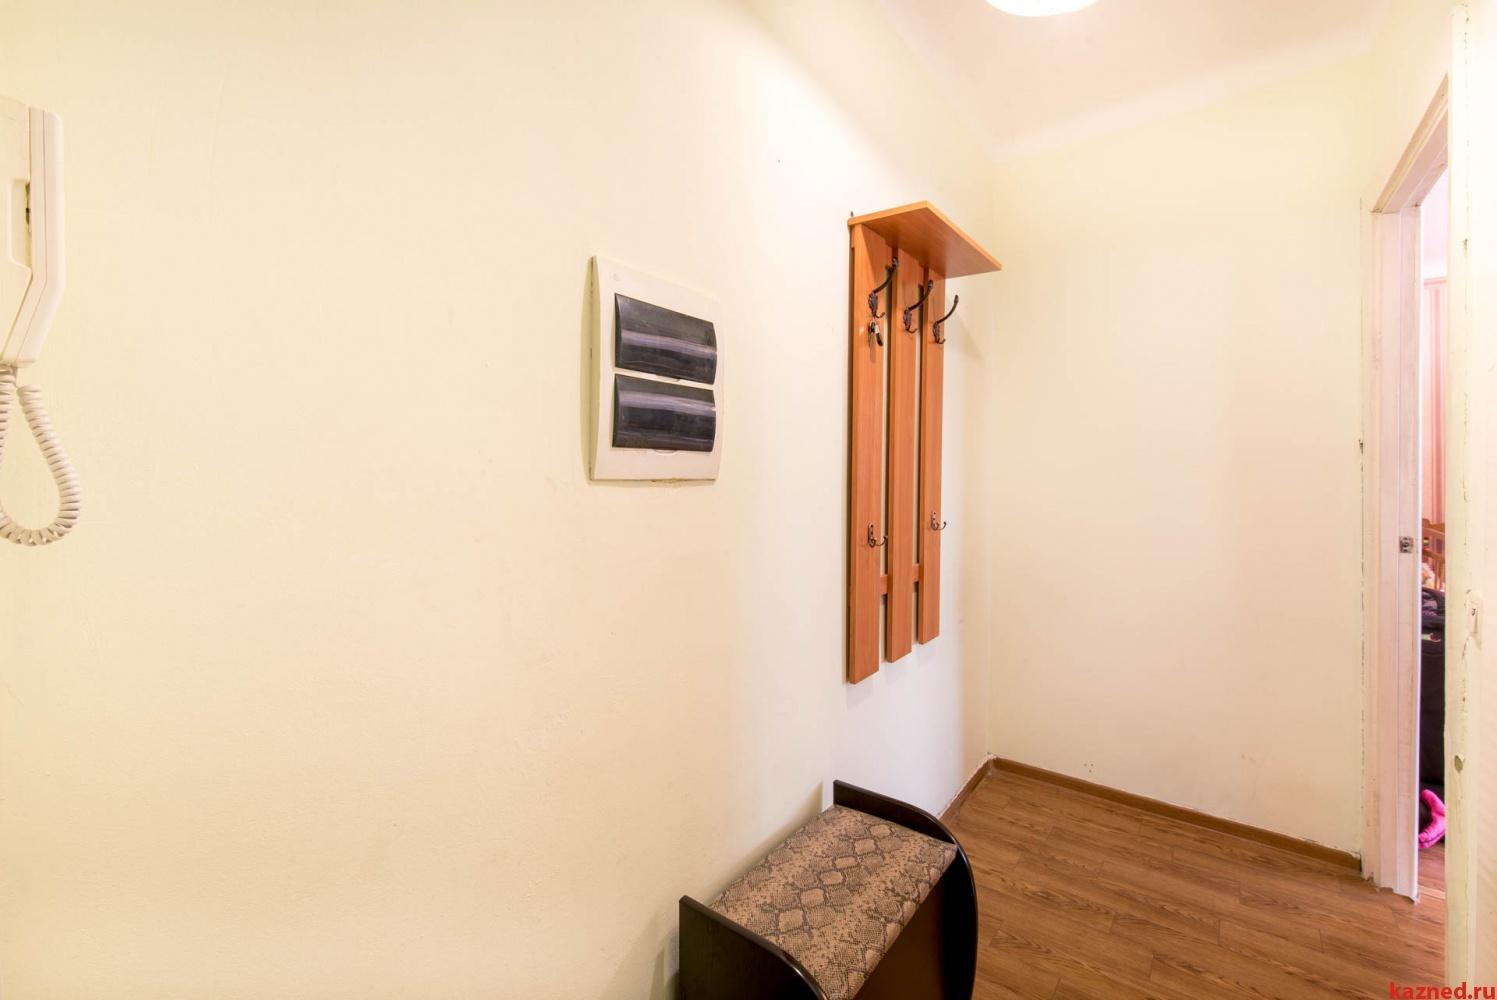 Продажа 1-к квартиры Качалова 82/19, 31 м²  (миниатюра №6)